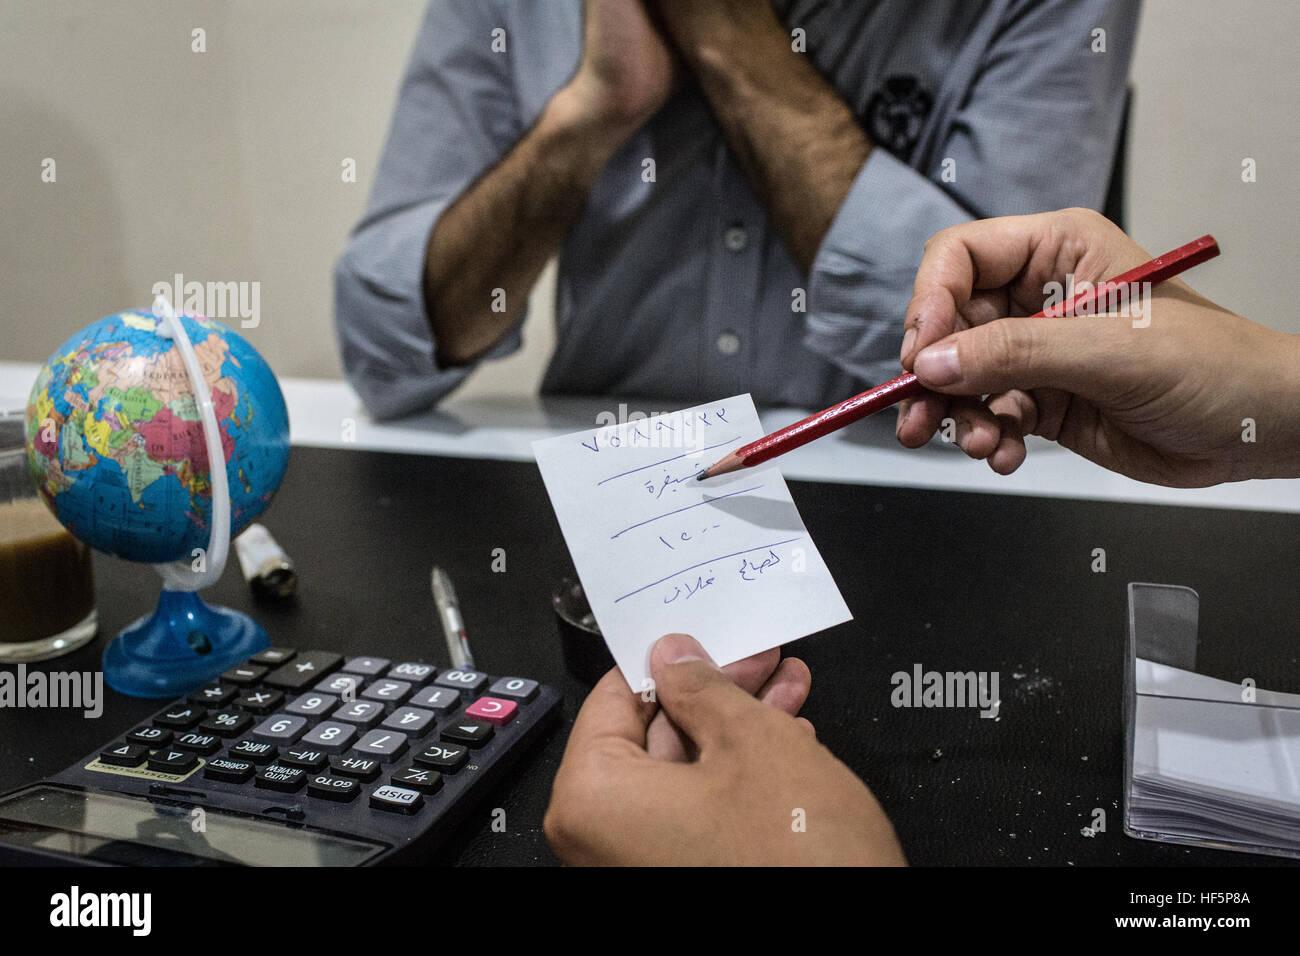 Perfecto Reanudar Ejemplos Banquero Cresta - Ejemplo De Colección De ...